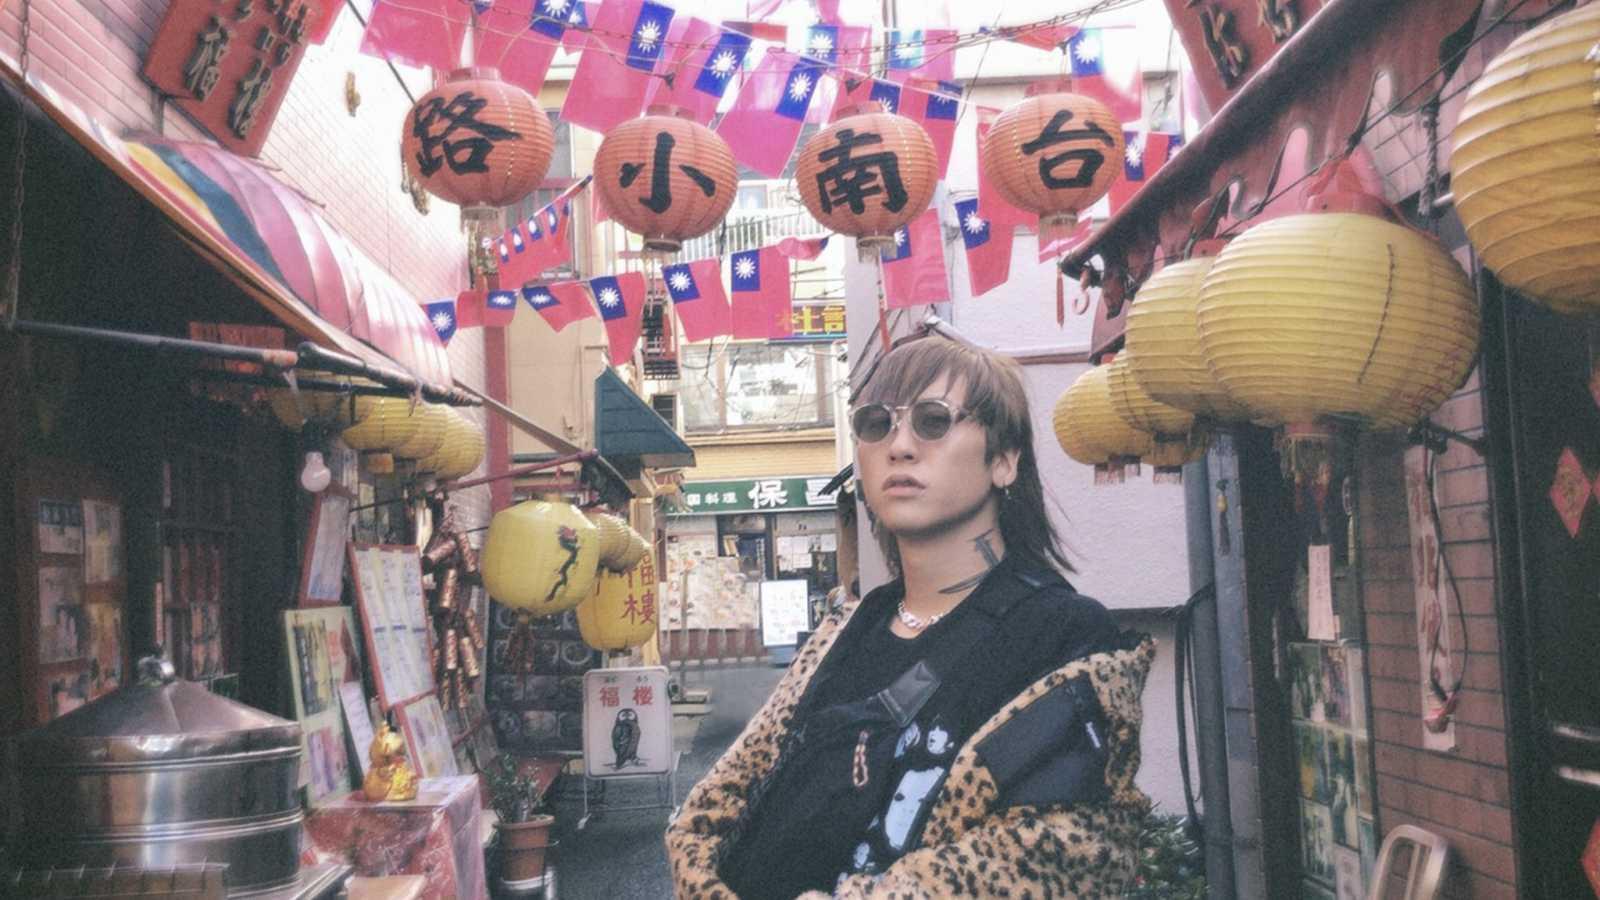 GENKI TAKEBUCHI © GENKI TAKEBUCHI. All rights reserved.